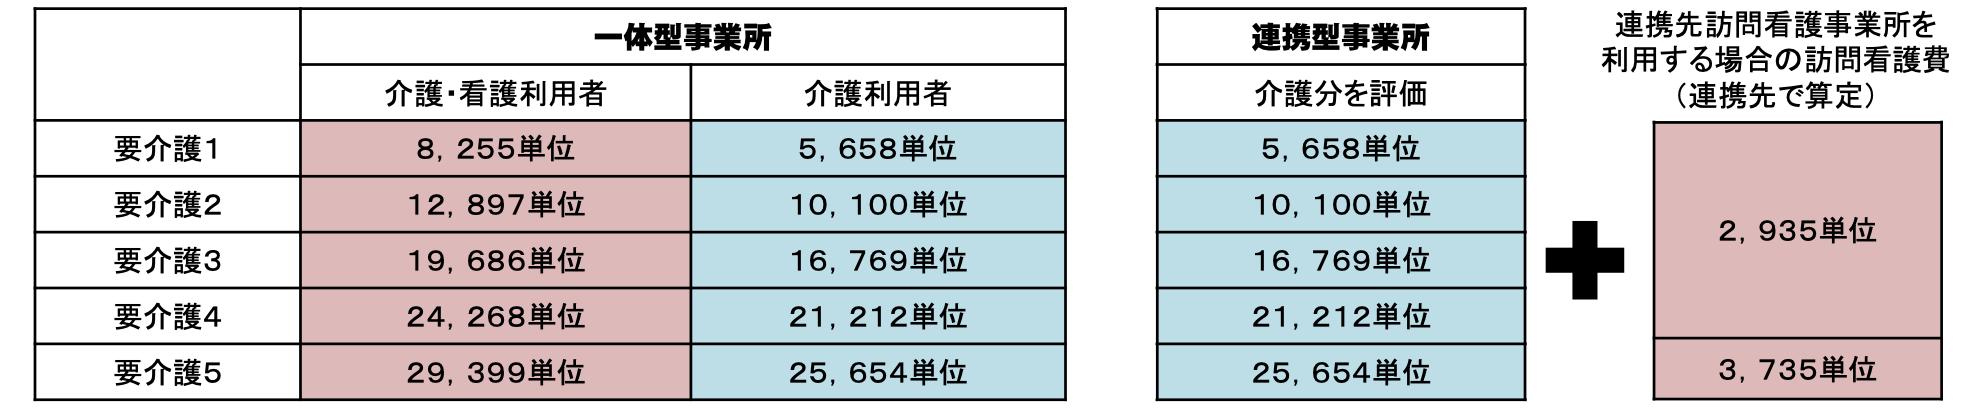 スクリーンショット-2021-05-24-18.43.13